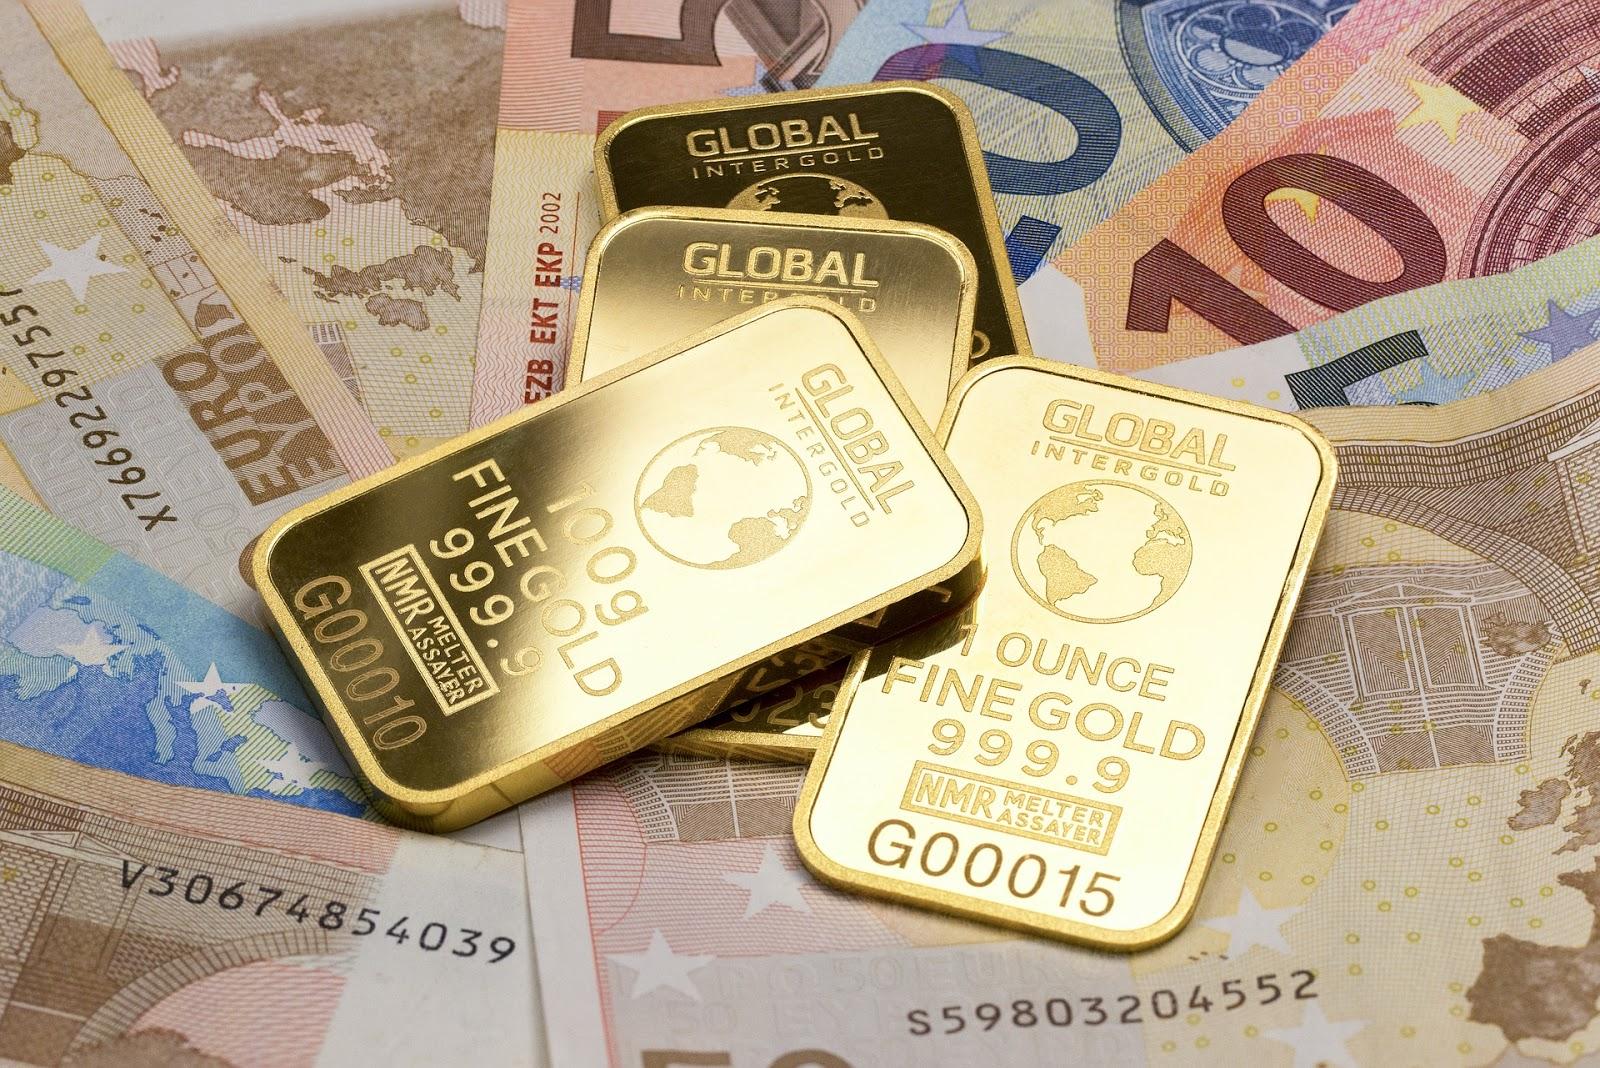 menabung uang atau menabung emas, menabung emas lebih menguntungkan, cara menabung emas dengan modal minim, kelebihan menabung emas, kelebihan emas daripada uang, emas vs uang,